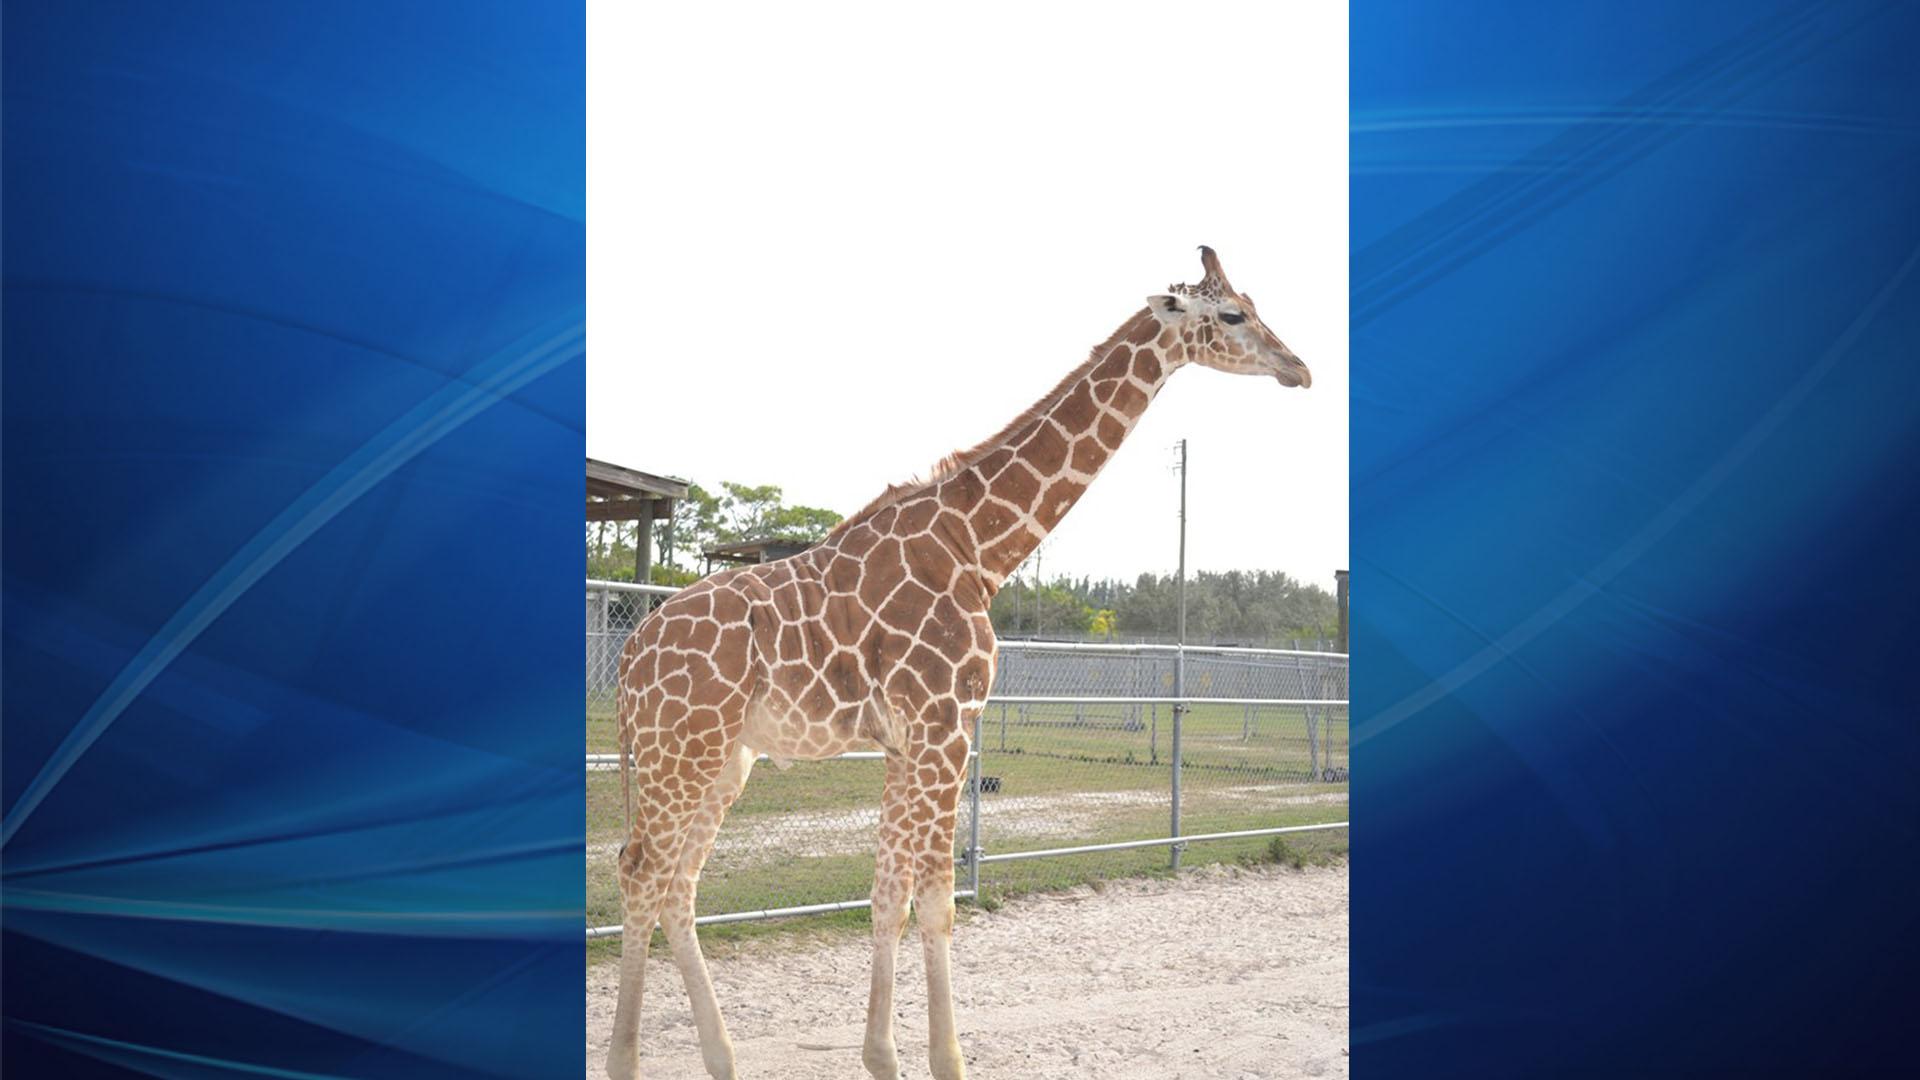 Giraffe_1560295748521.jpg